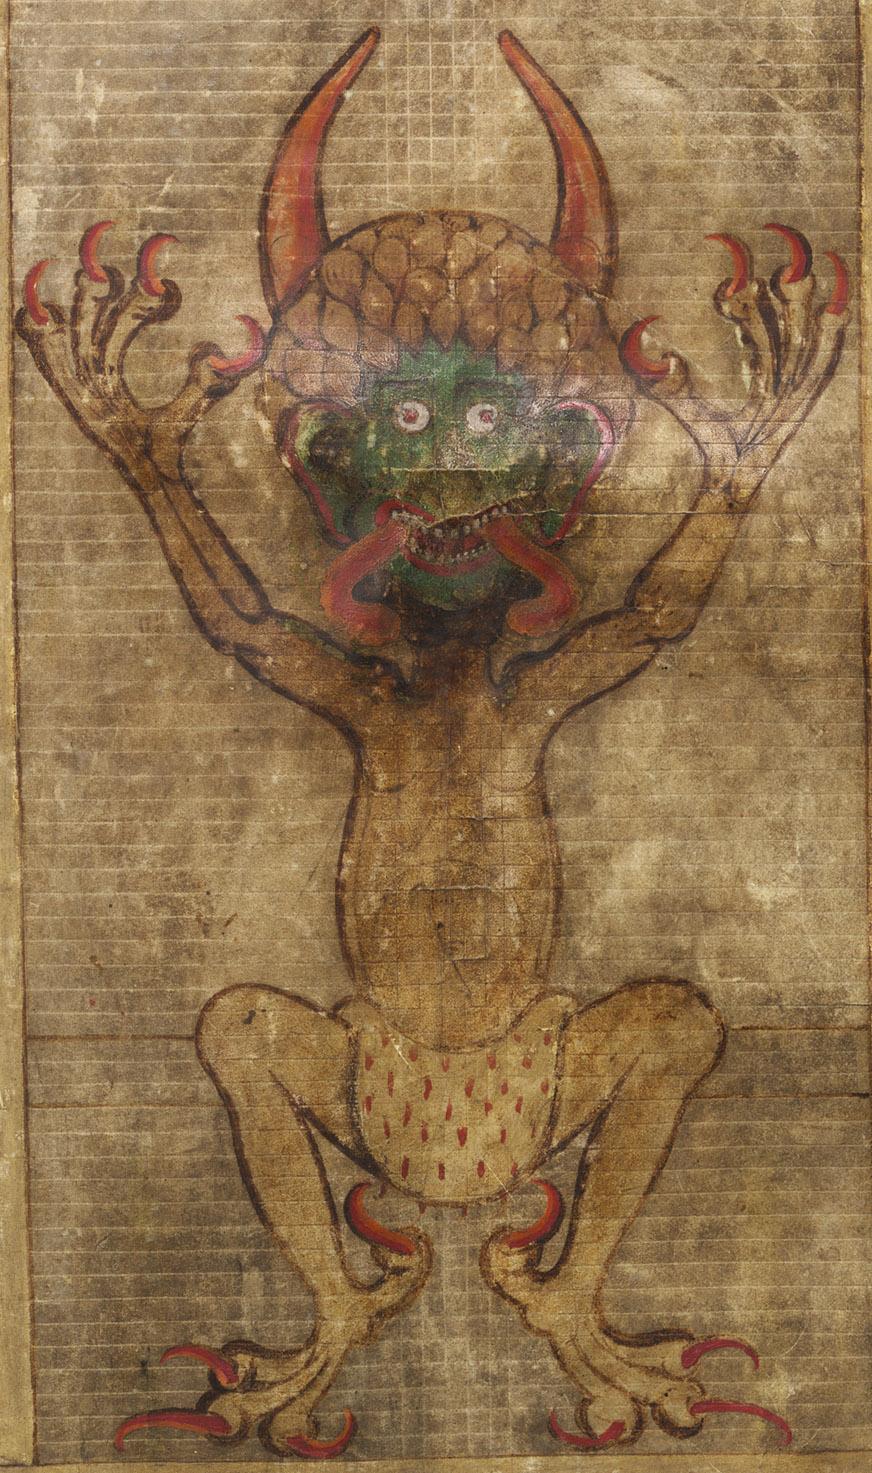 El diablo en el 'Codex Gigas' - Foto: National Library of Sweden